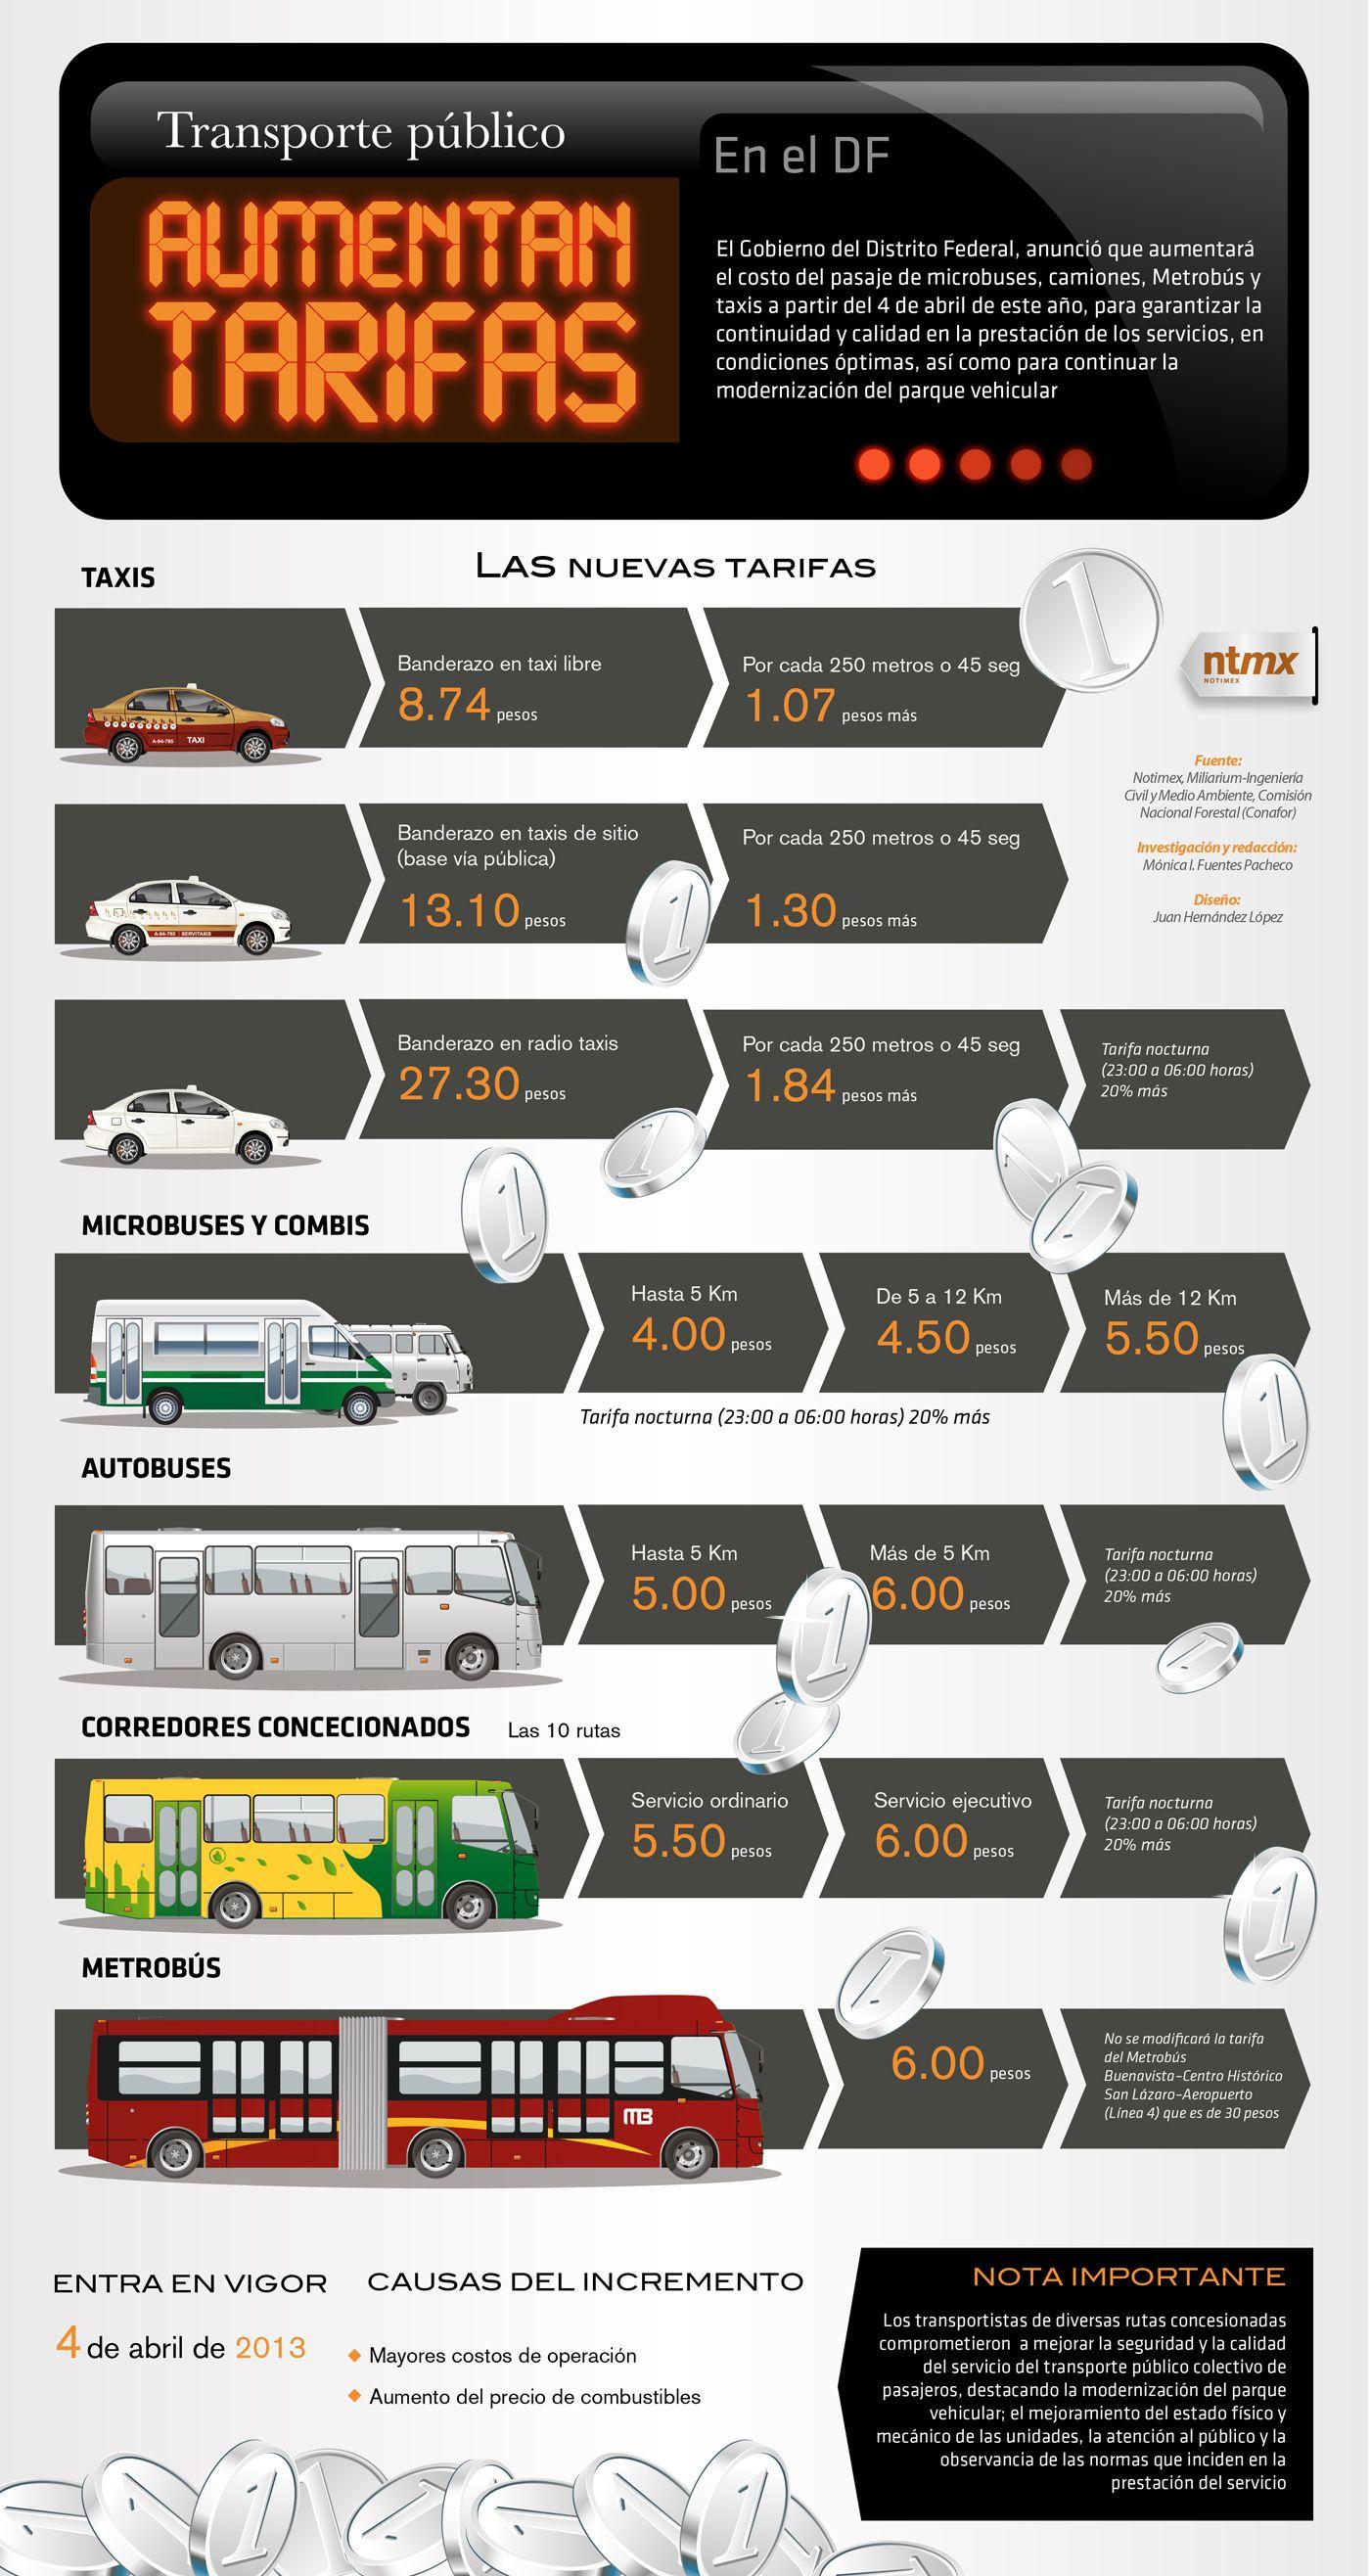 Aumentan tarifas de transporte en el DF A los microbuses y al Metrobús se les aumentó $1 por el costo del viaje; es decir se cobrará $6 por viaje. Los microbuses que cobraban $3 ahora cobrarán $4. Las nuevas tarifas entran en vigor el jueves 4 de abril.